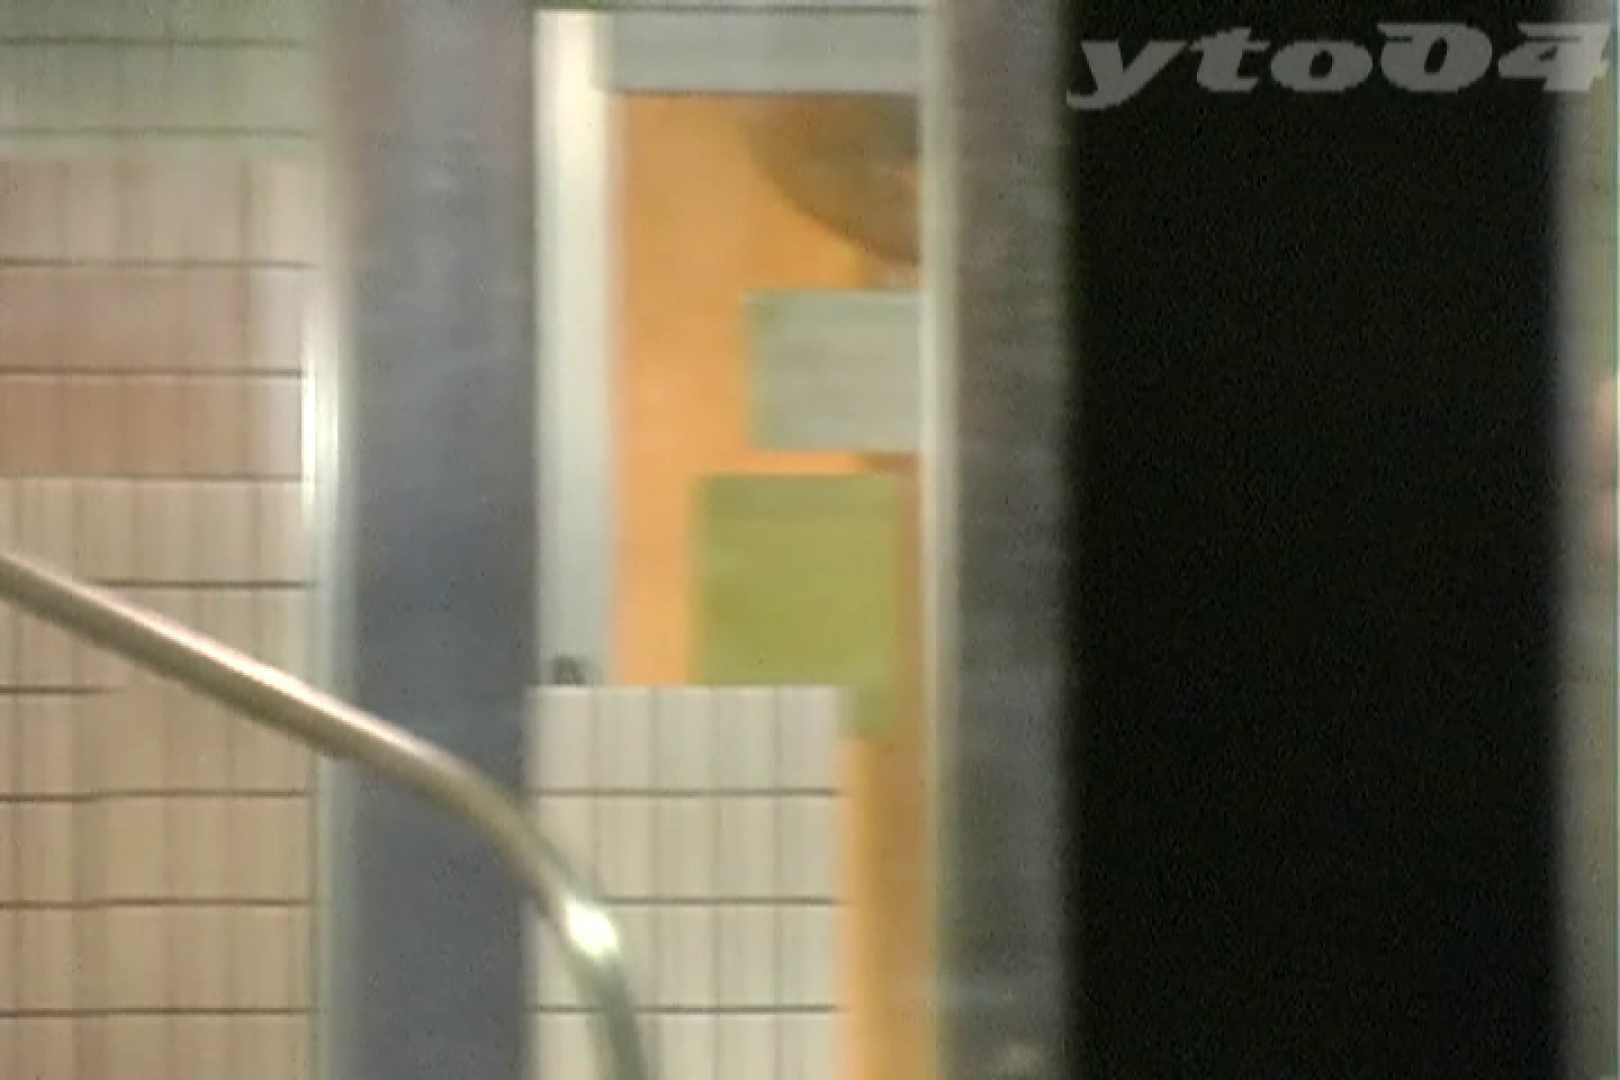 ▲復活限定▲合宿ホテル女風呂盗撮 Vol.24 名作 われめAV動画紹介 74画像 55